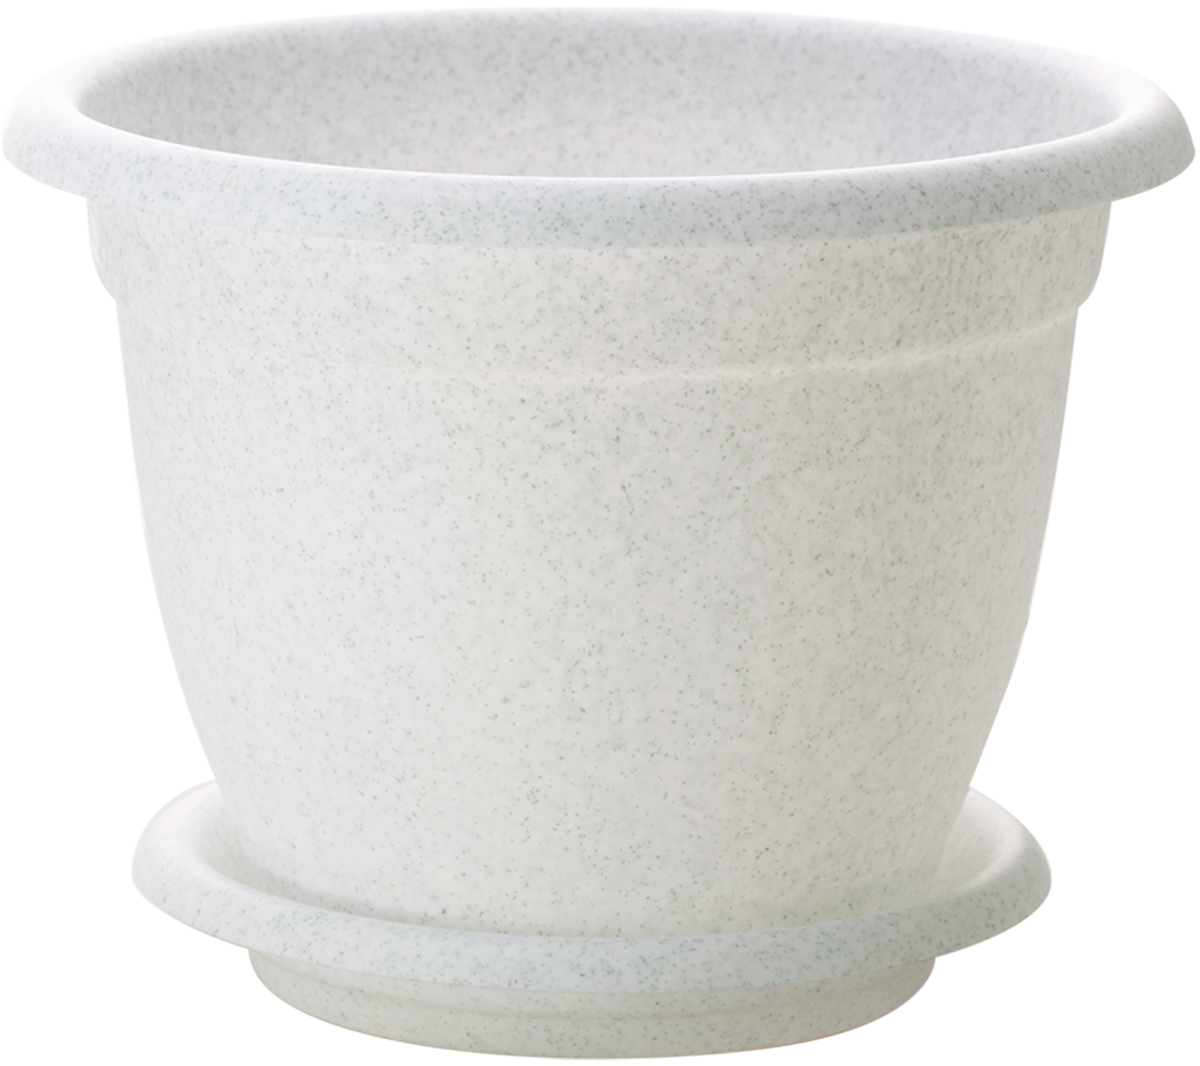 Горшок для цветов InGreen Борнео, с поддоном, цвет: мраморный, диаметр 24 см поддон для балконного ящика ingreen цвет белый длина 60 см